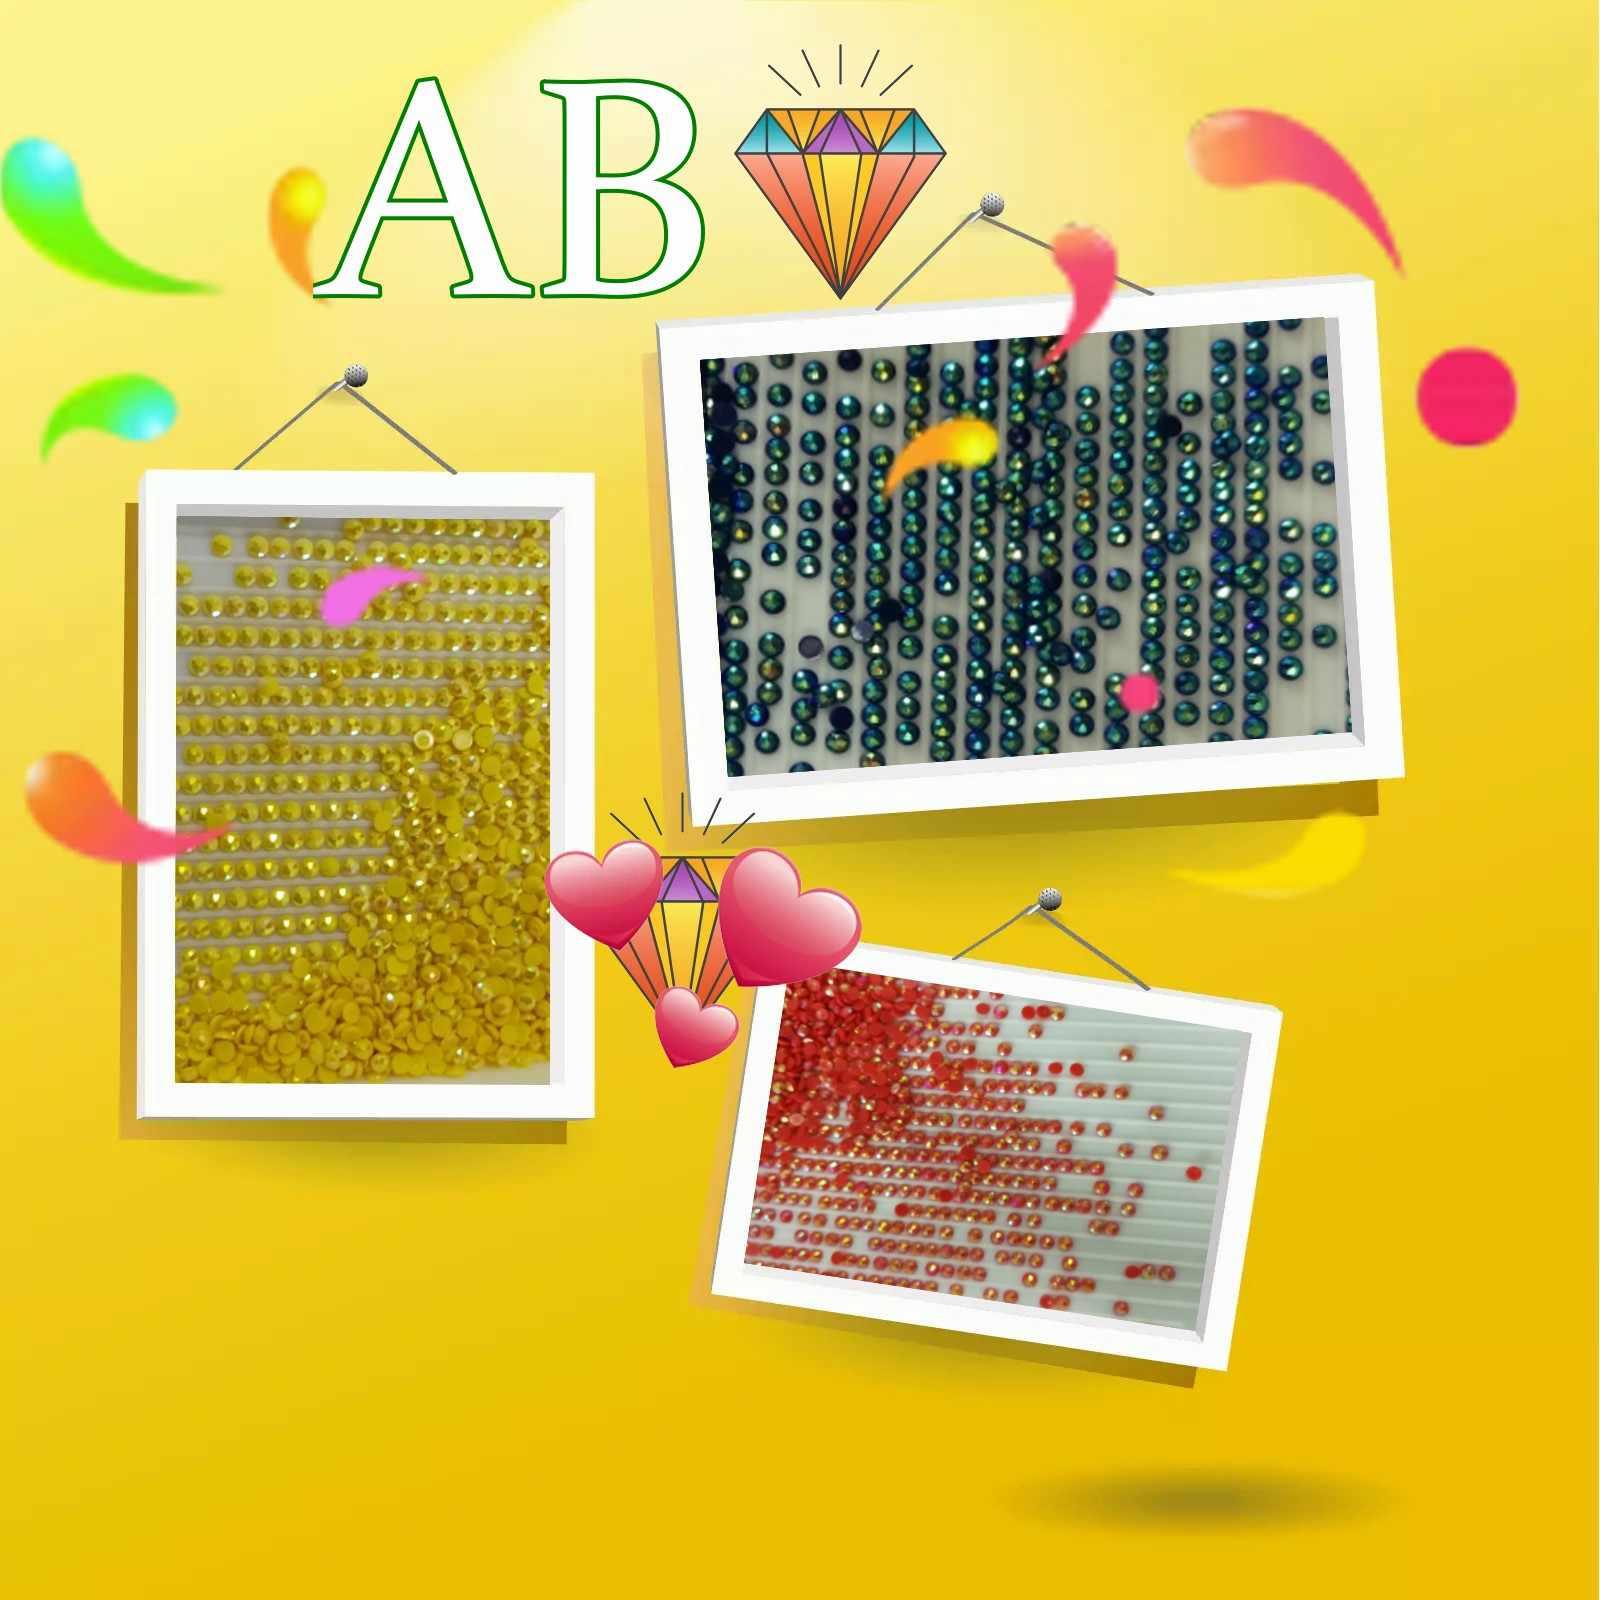 יהלומי ציור עגול AB מקדחות 23 צבעים מכירות עבור שקיות 1 שקית = 200 חתיכות